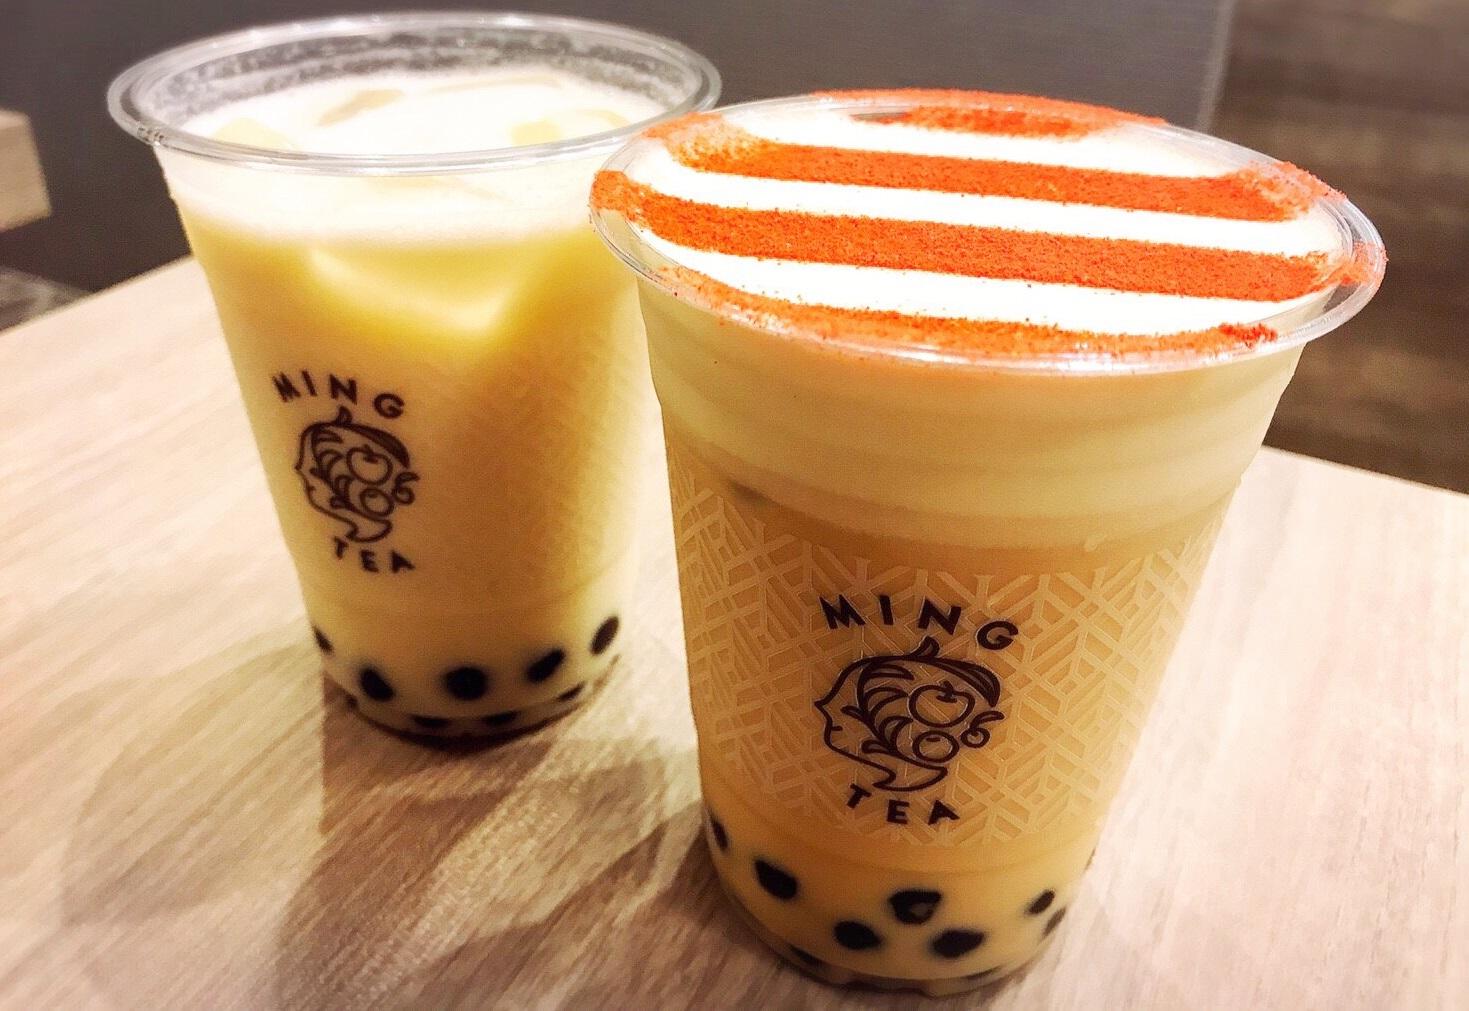 内装もこだわった落ち着ける店内♡本格台湾茶専門店「MINGTEA」